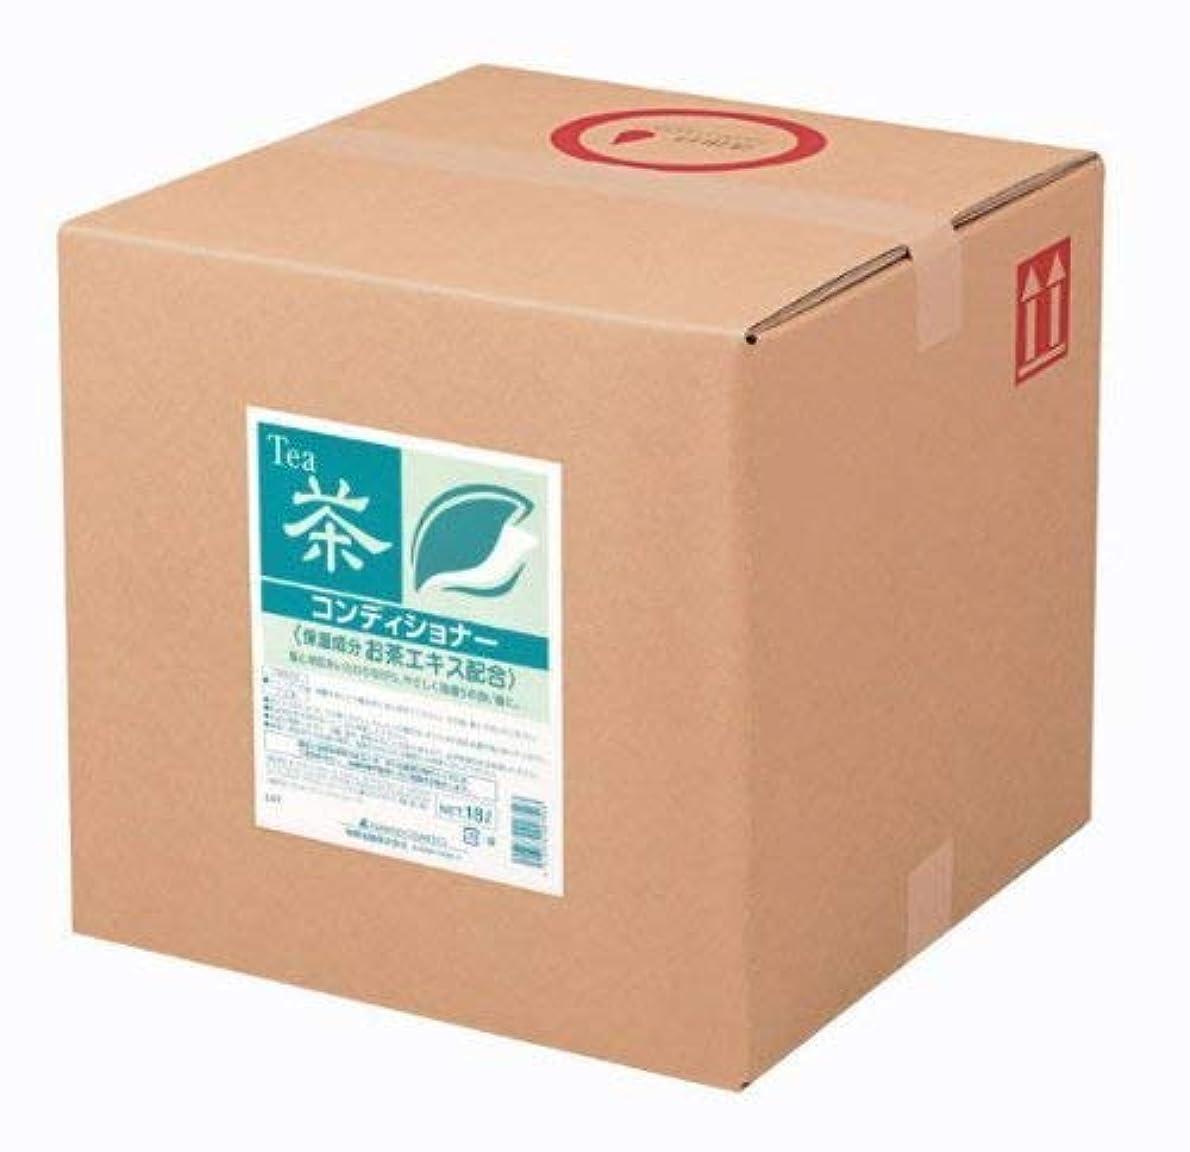 資源フィヨルドなしで業務用 SCRITT(スクリット) お茶 コンディショナー 18L 熊野油脂 (コック無し)